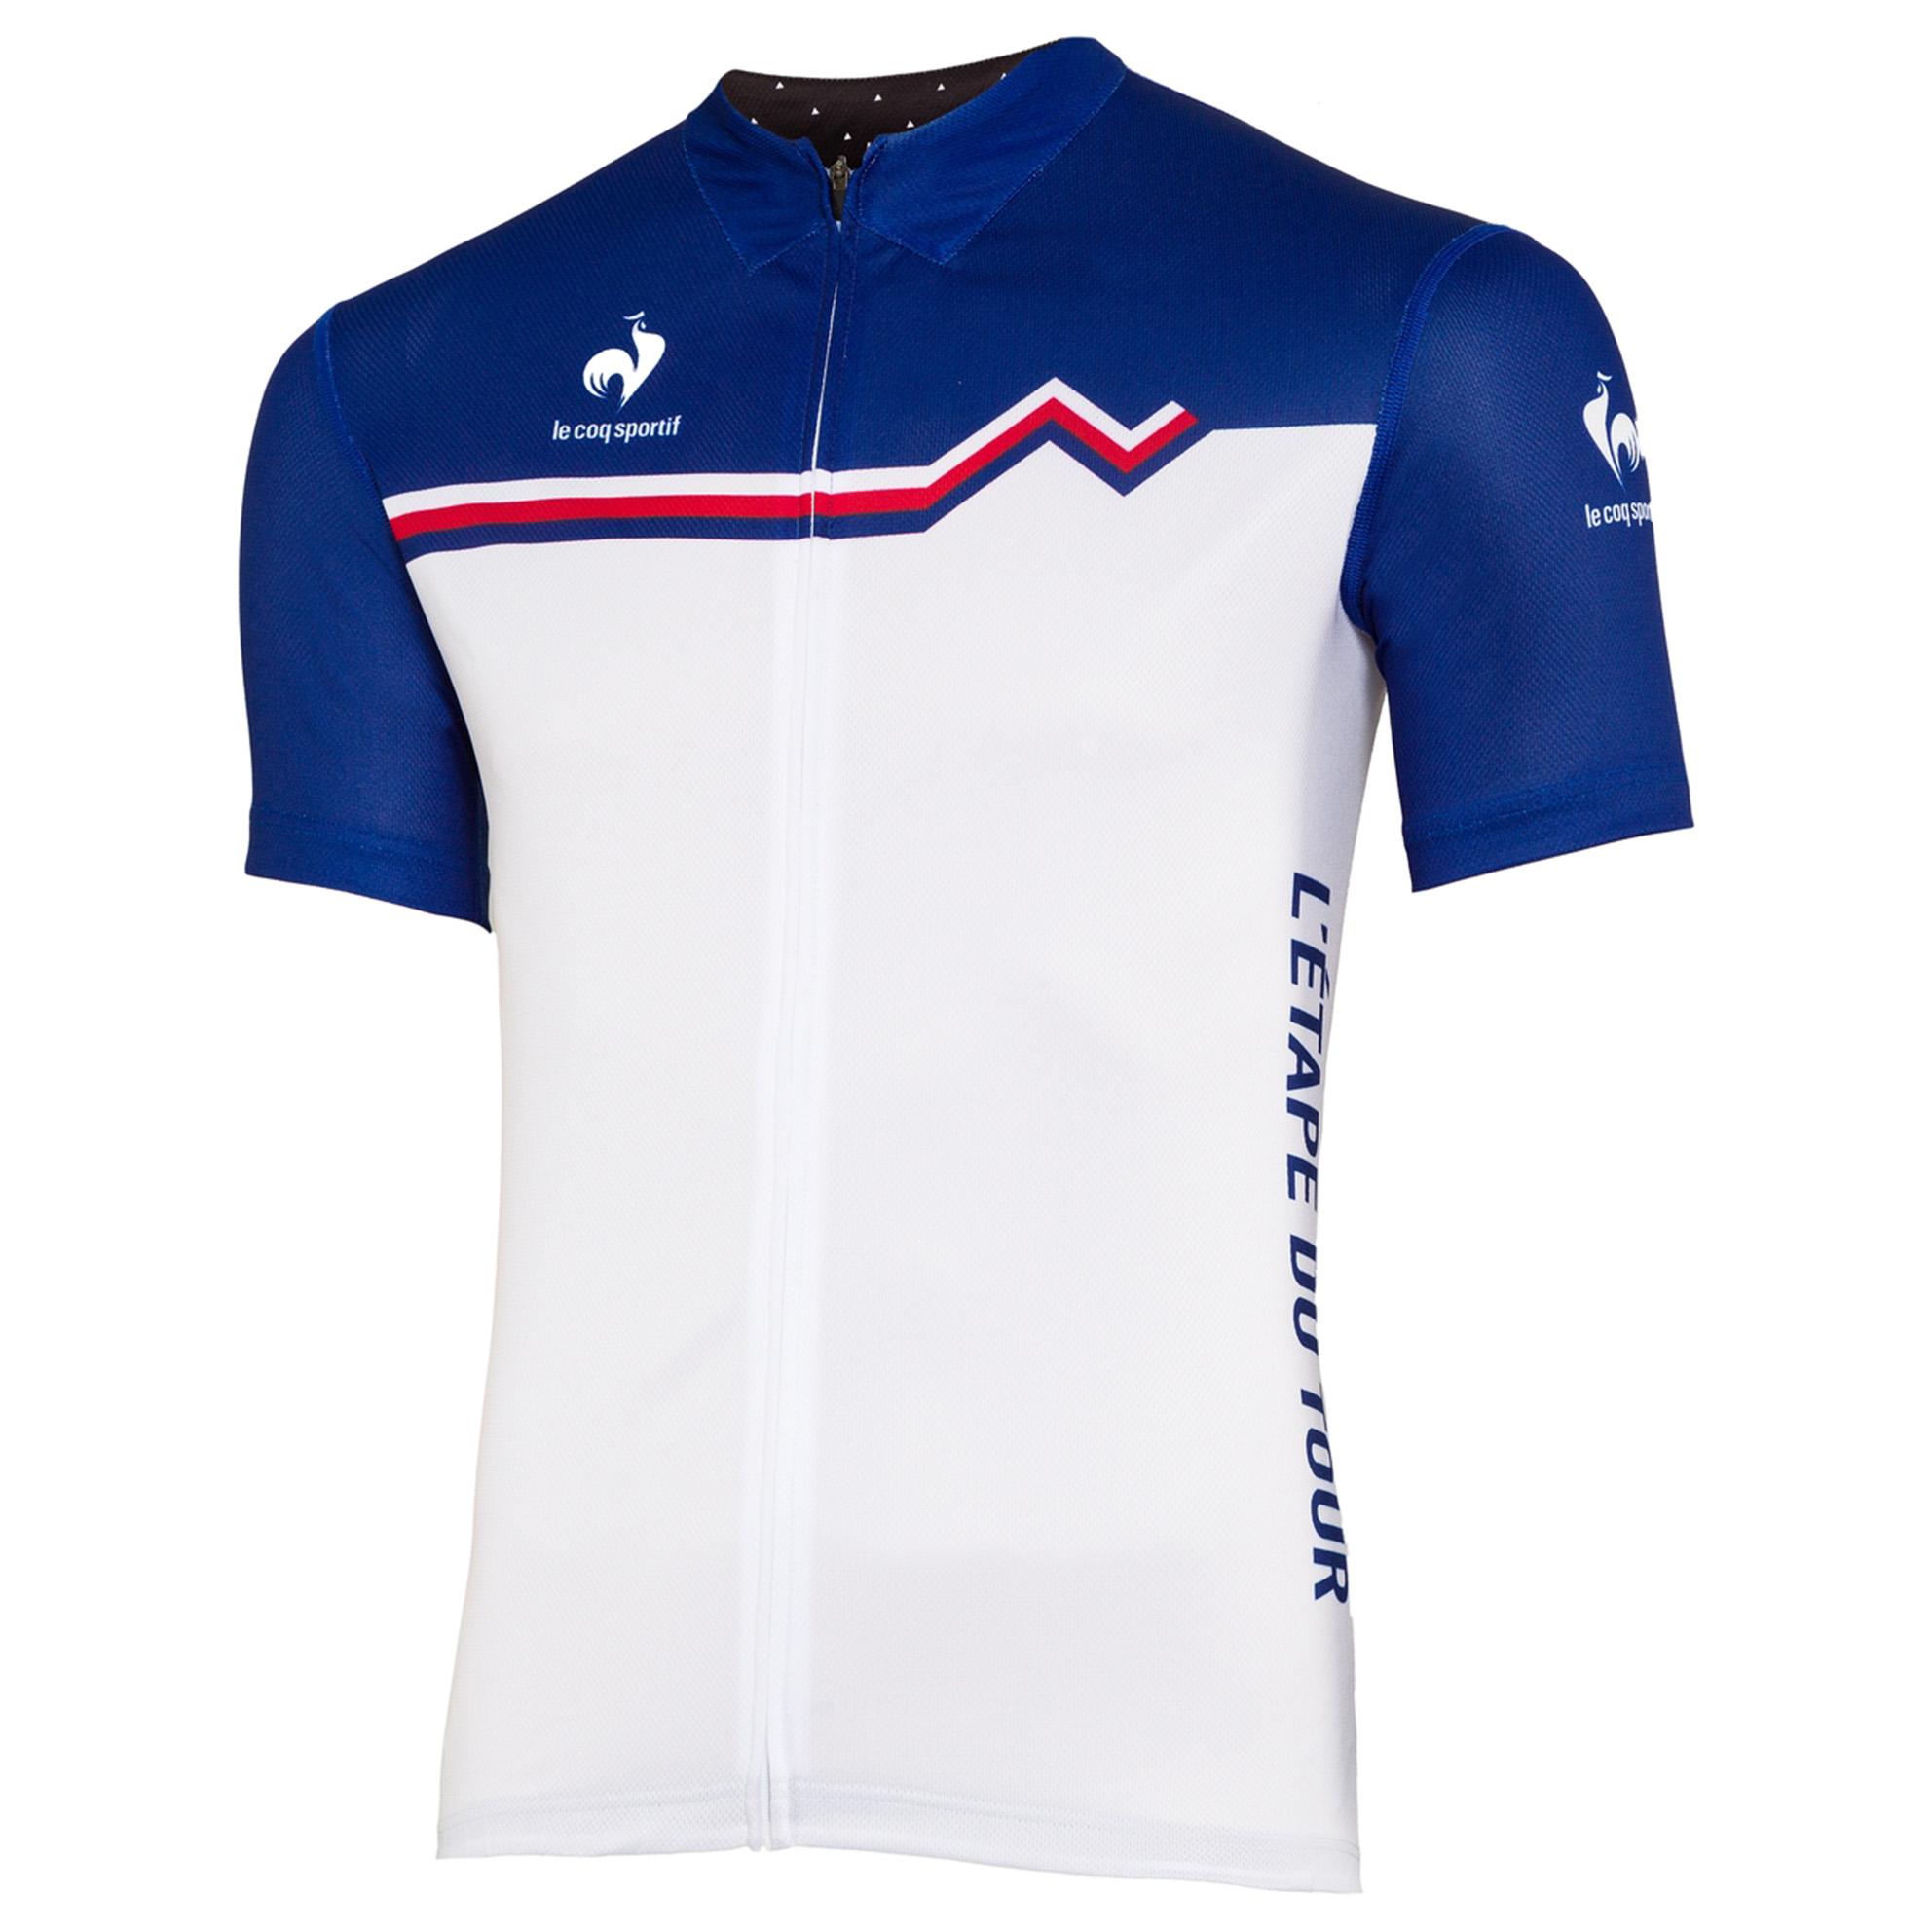 Le Tour de France Le Coq Sportif Etape Du Tour Jersey